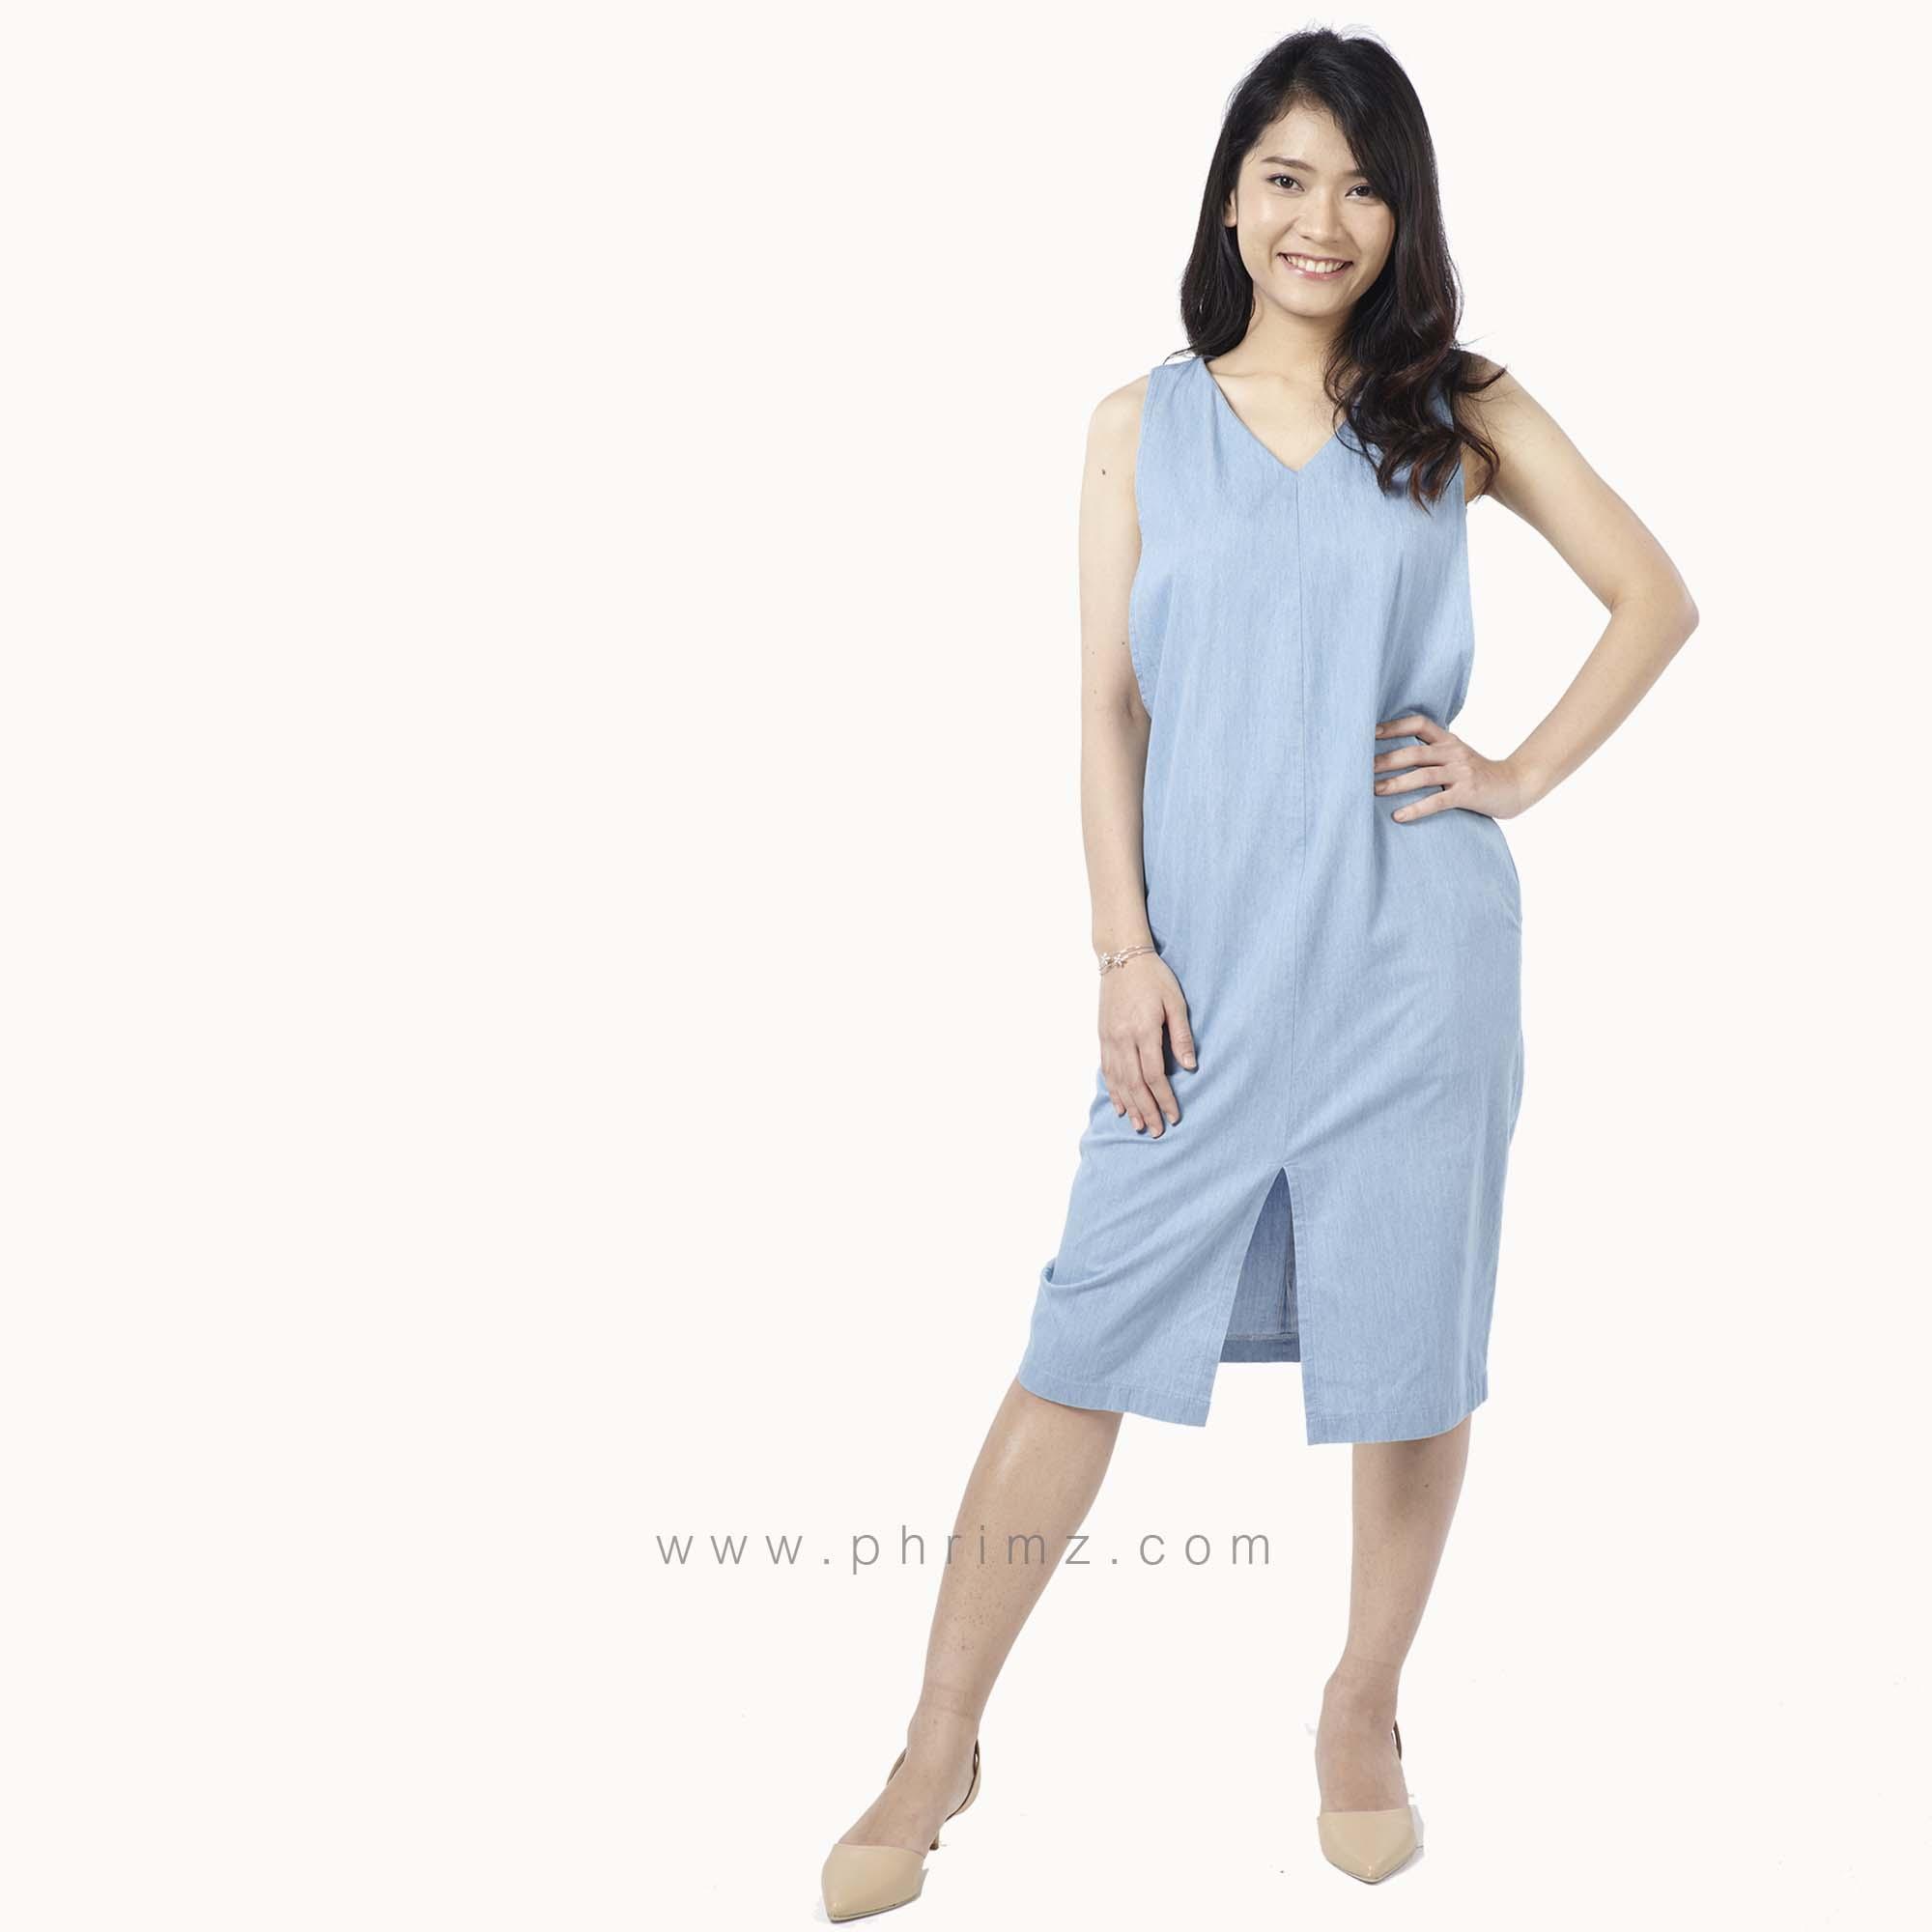 ชุดให้นม Phrimz : Kathy Breastfeeding Dress - Light Blue Jeans